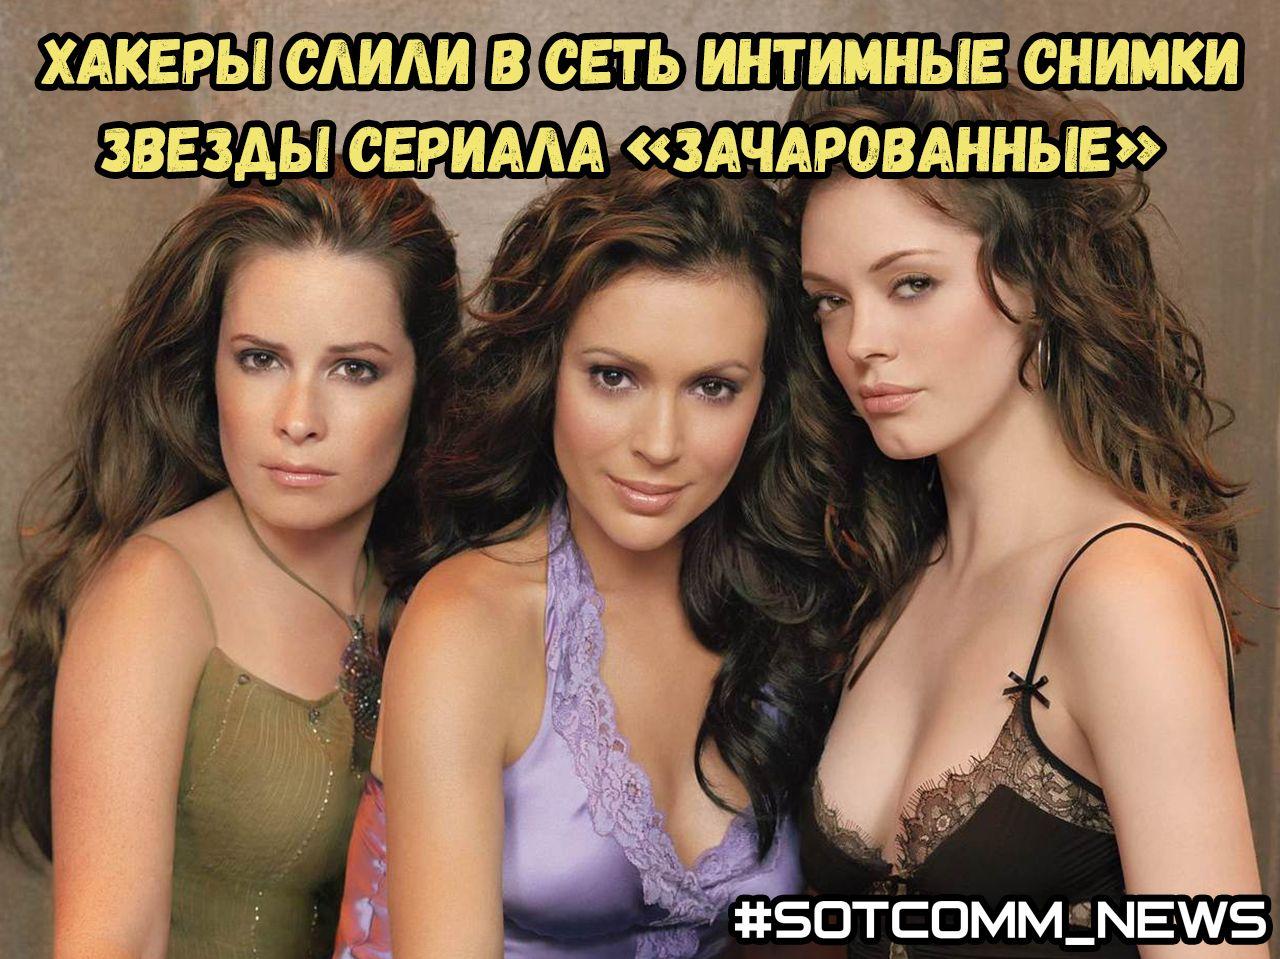 Хакеры слили в сеть интимные снимки звезды сериала «Зачарованные»